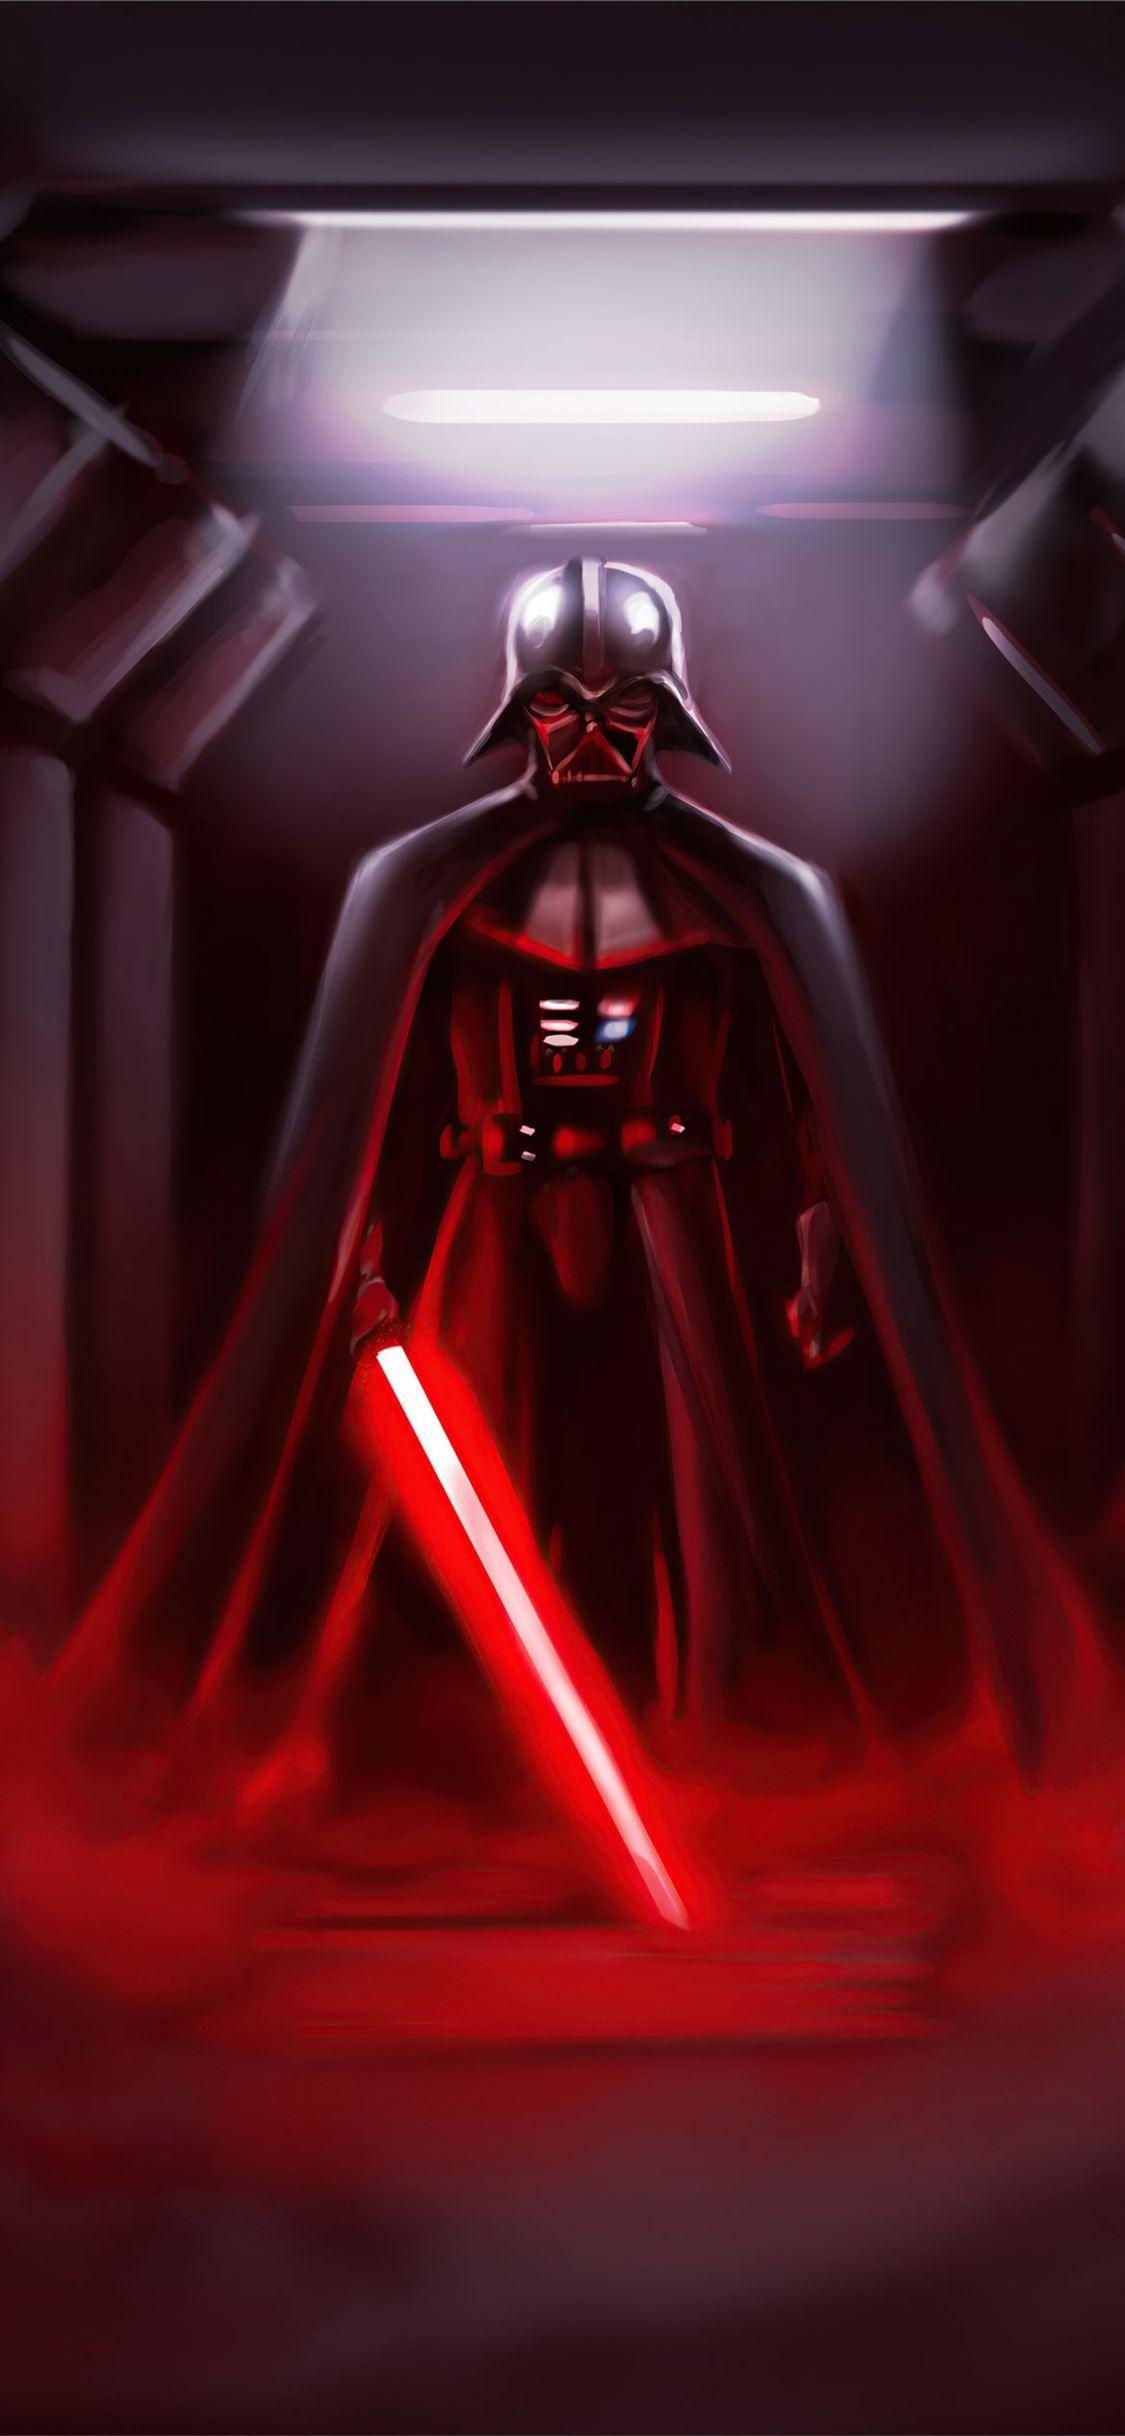 Darth Vader Wallpaper 4k Iphone : darth, vader, wallpaper, iphone, Darth, Vader, #DarthVader, #movies, #StarWars, #artwork, #Artstation, #iPhoneXWallpaper, Wallpapers,, Wallpaper,, Mandala, Wallpaper